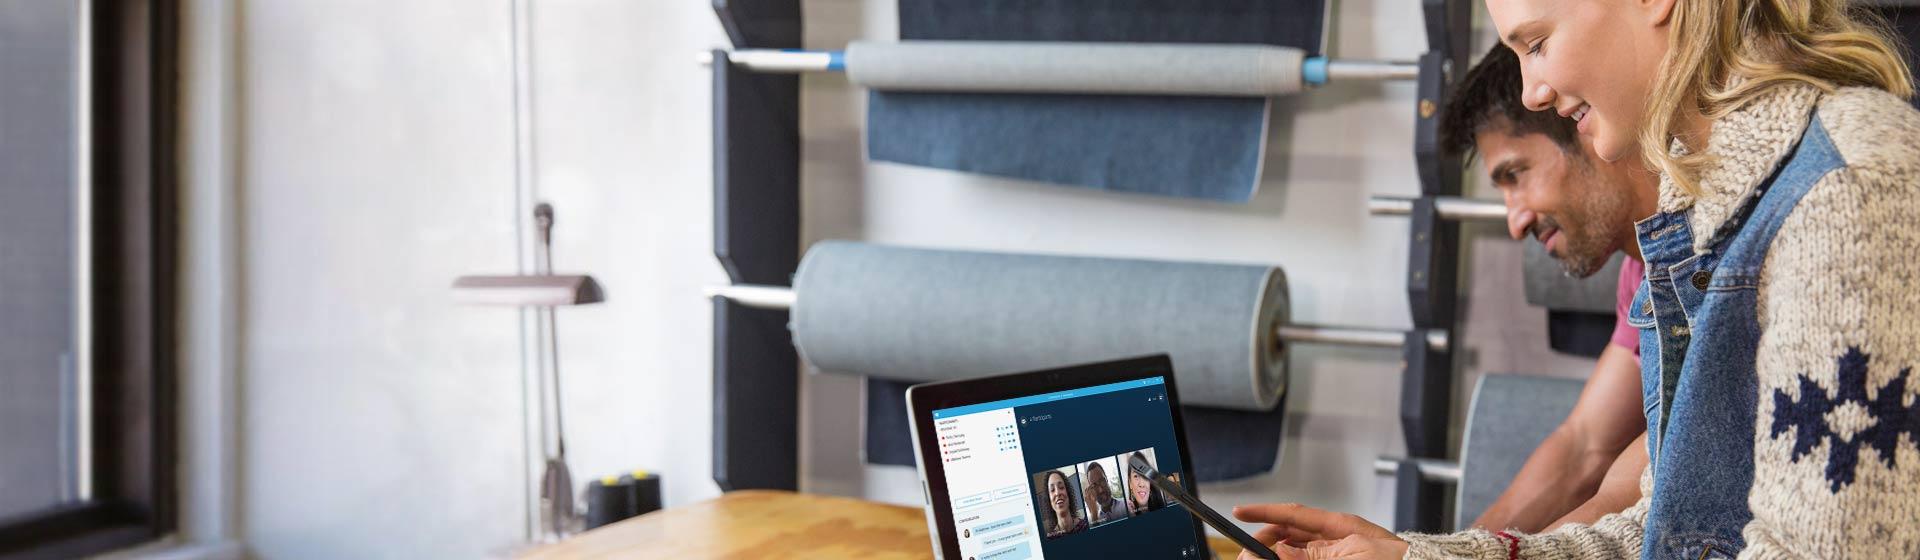 Donna e uomo che usano le riunioni Skype su un tablet, con la donna che ha in mano un telefono